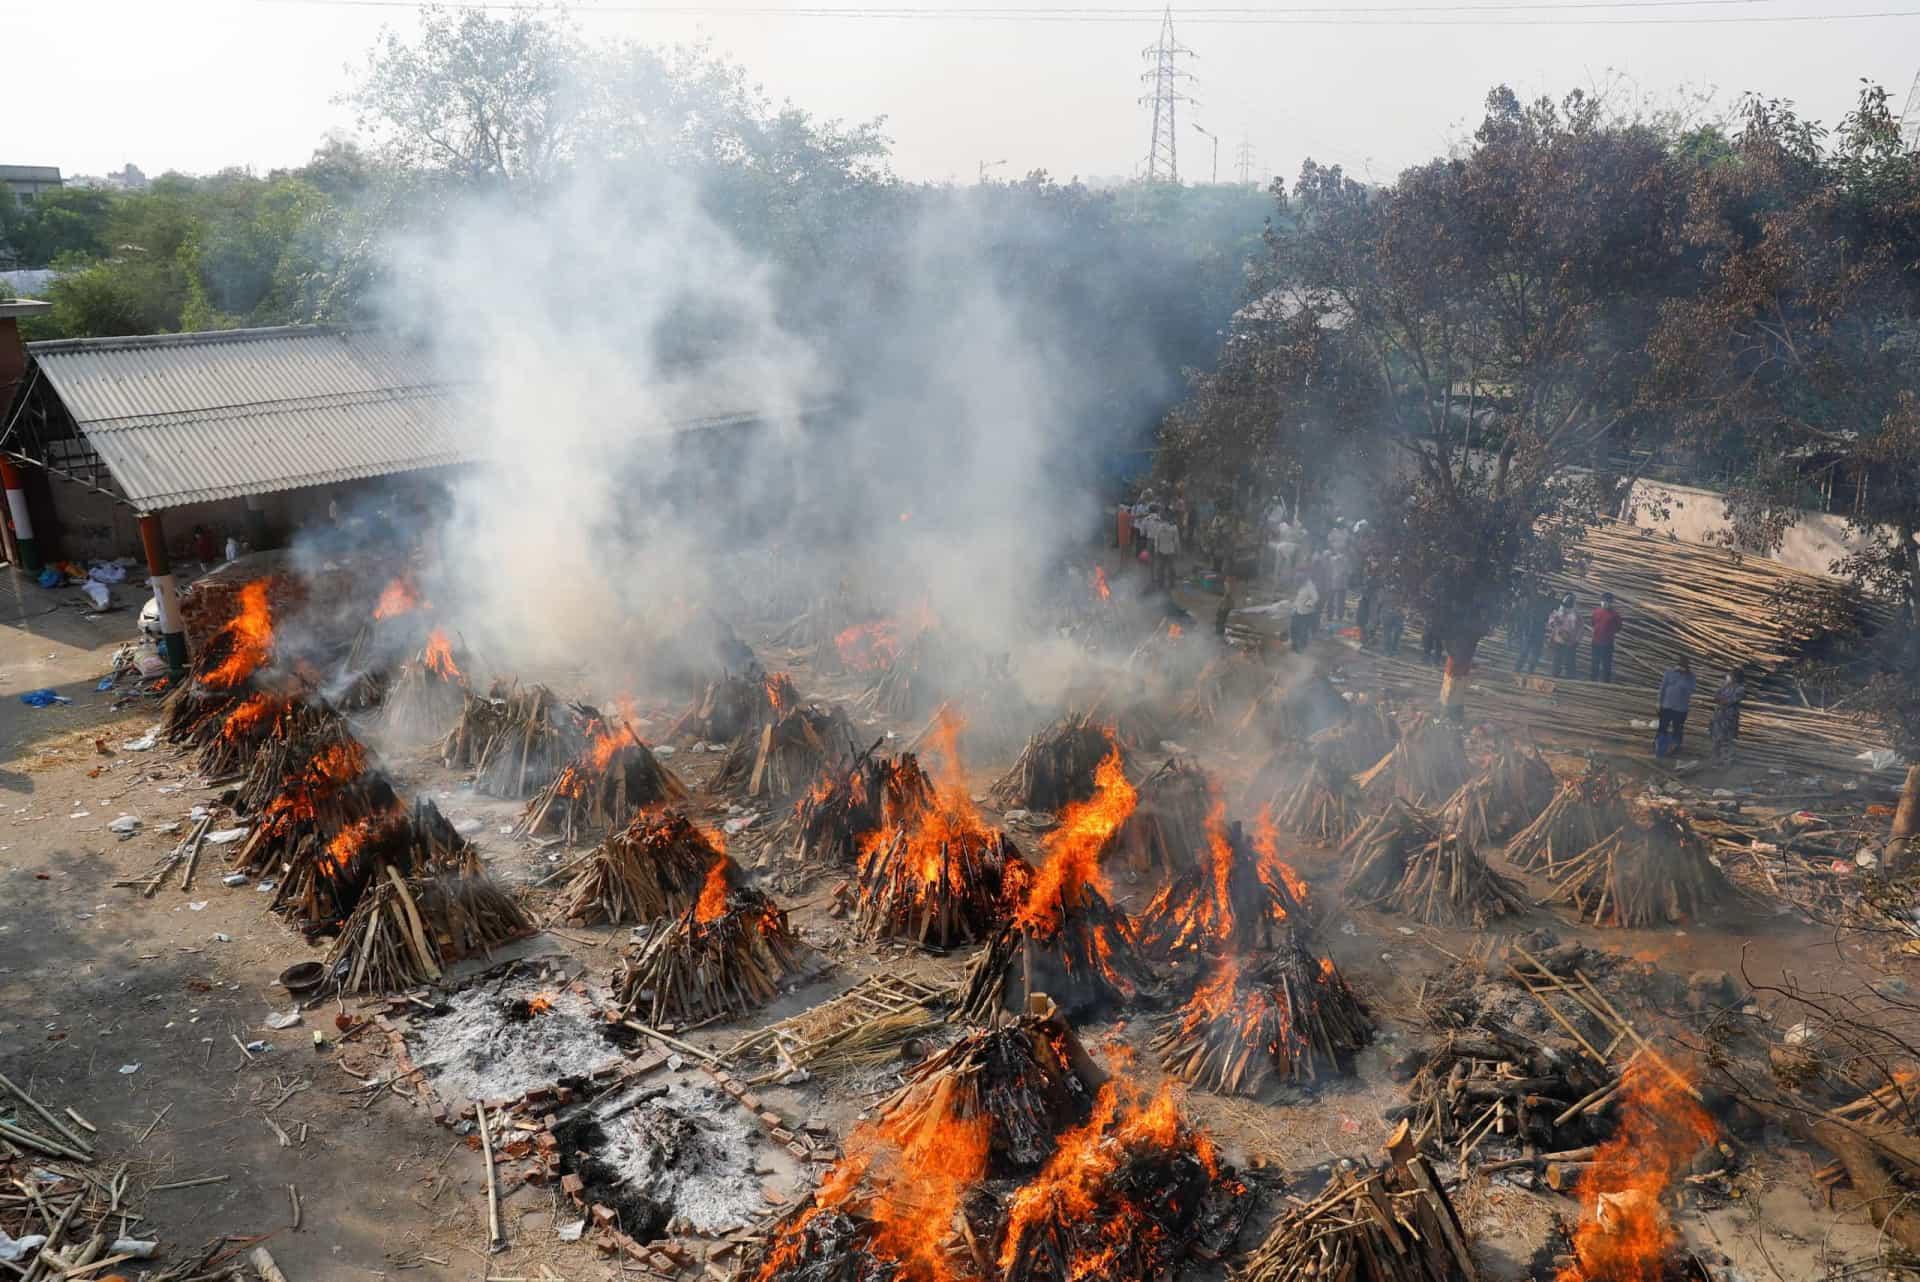 VITIMAS - Tragédia na Índia: pacientes morrem por falta de oxigênio e mortos são cremados ao ar livre - VEJA IMAGENS